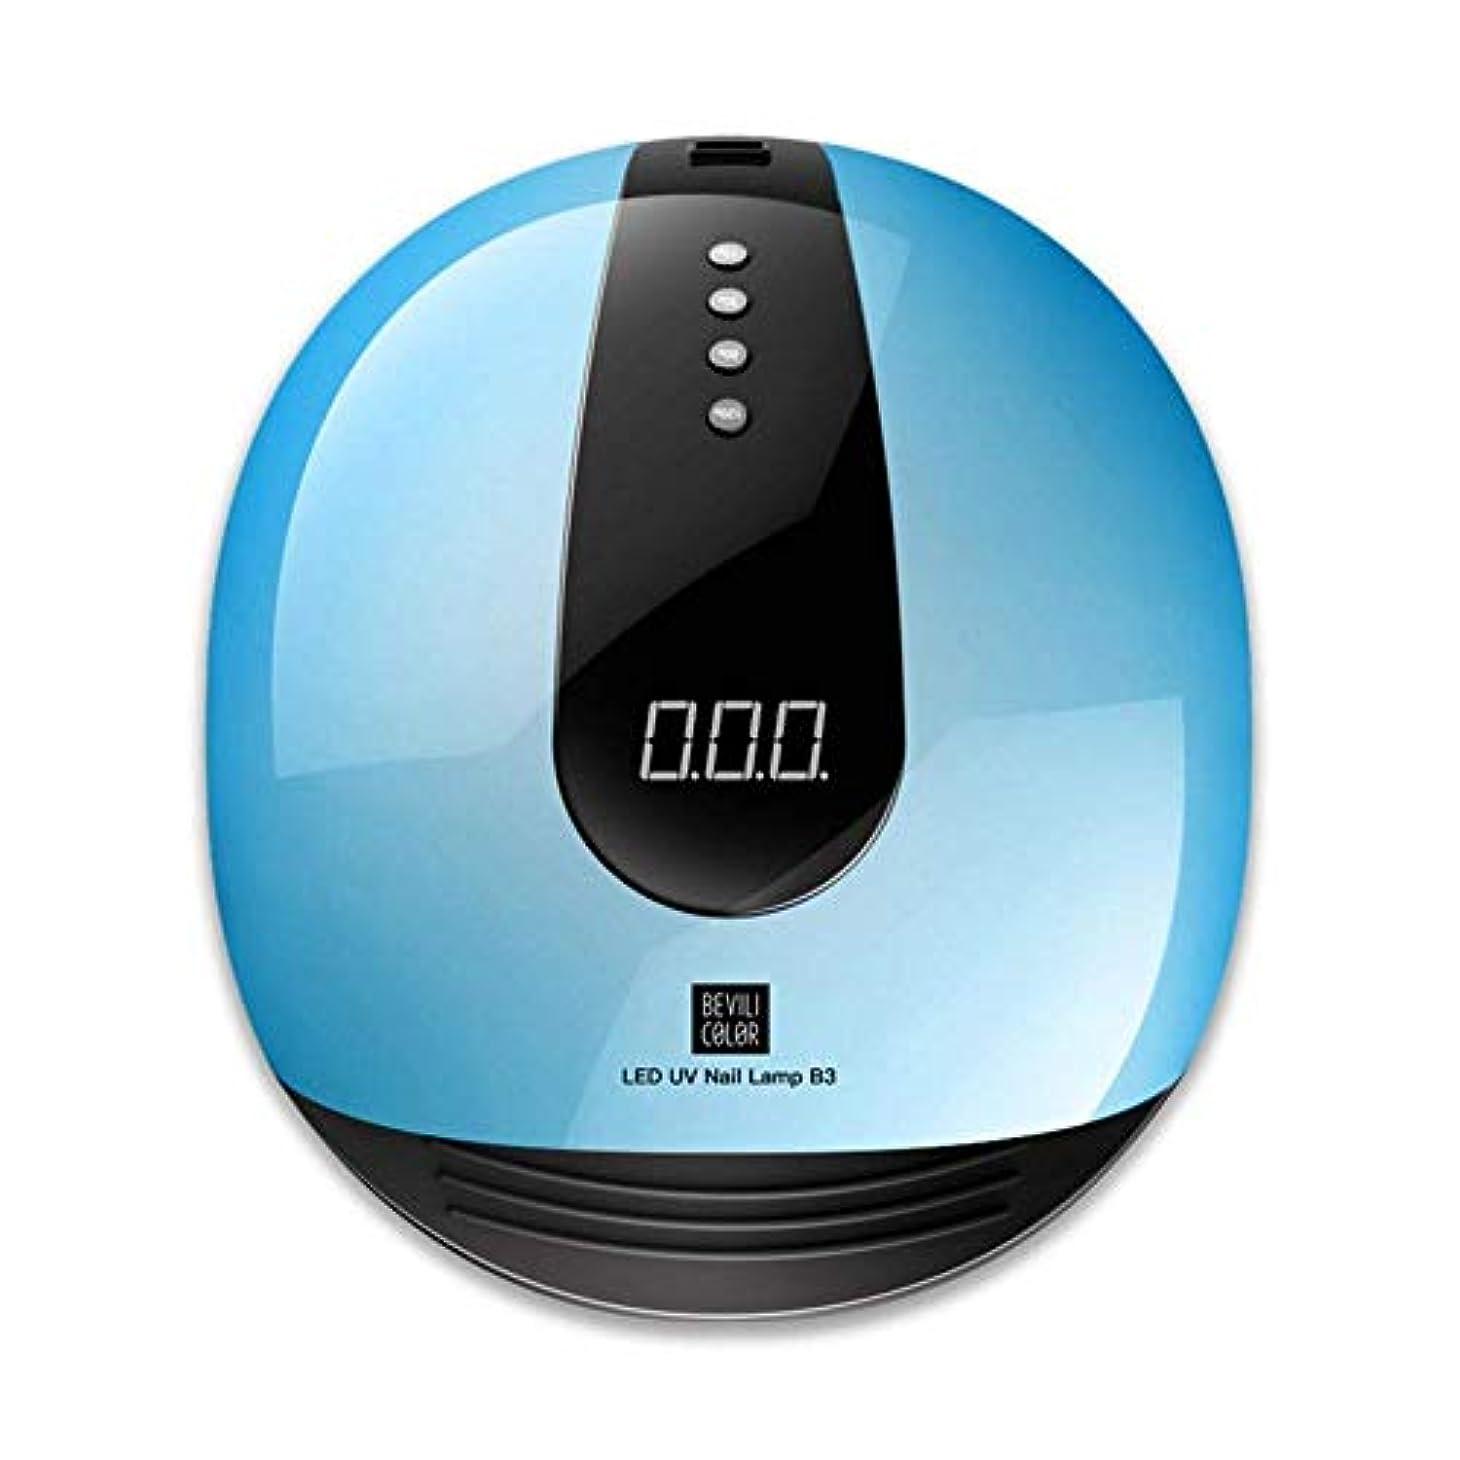 従う泥棒疼痛ネイルドライヤー80WカラフルなUV LEDランプマニキュア36 LEDマシンUVオングルネイルドライヤーアイスNagelランプサンライト高速硬化すべてのゲルワニス、画像としての色